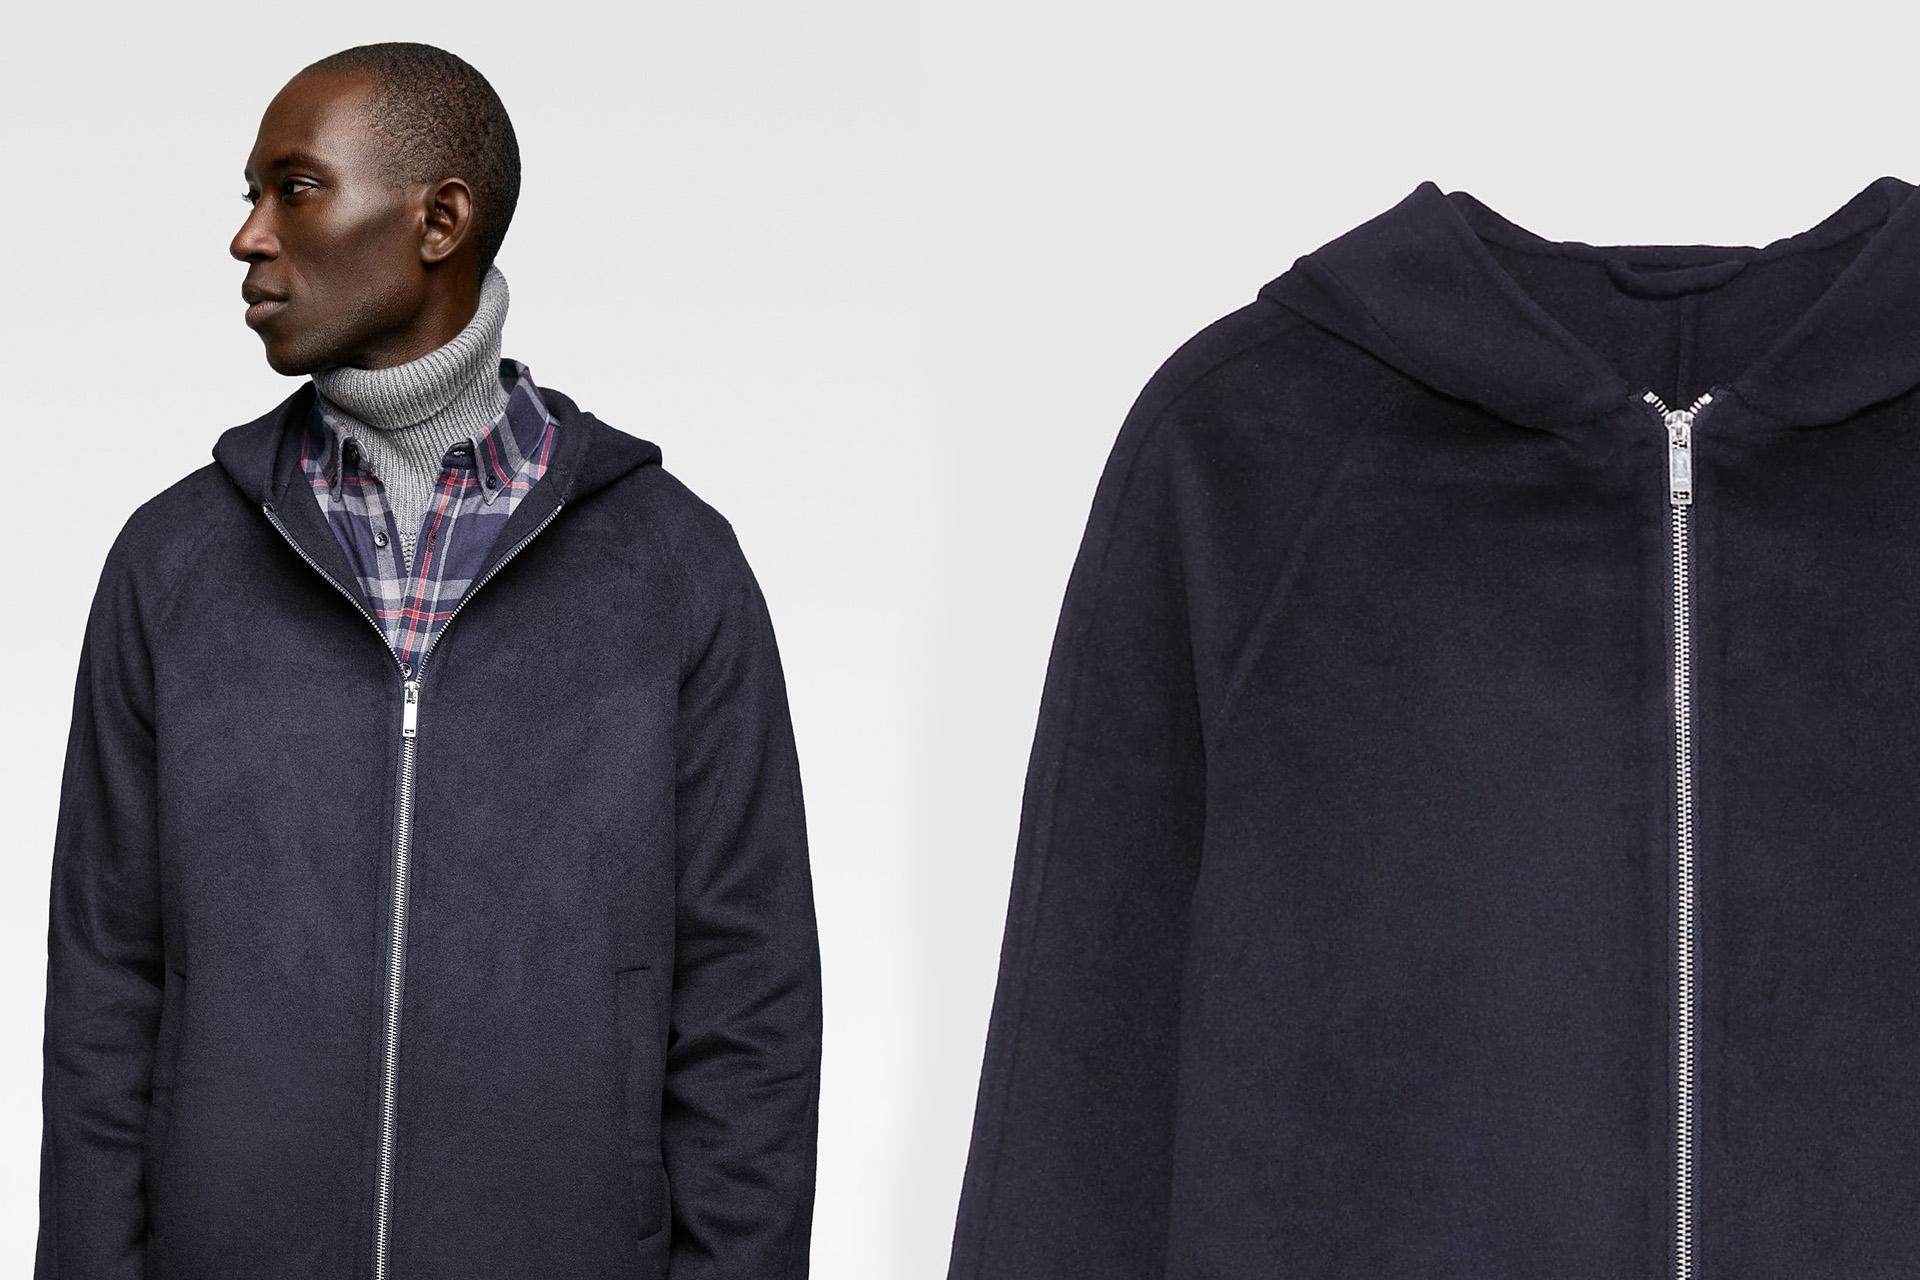 haină exterioră